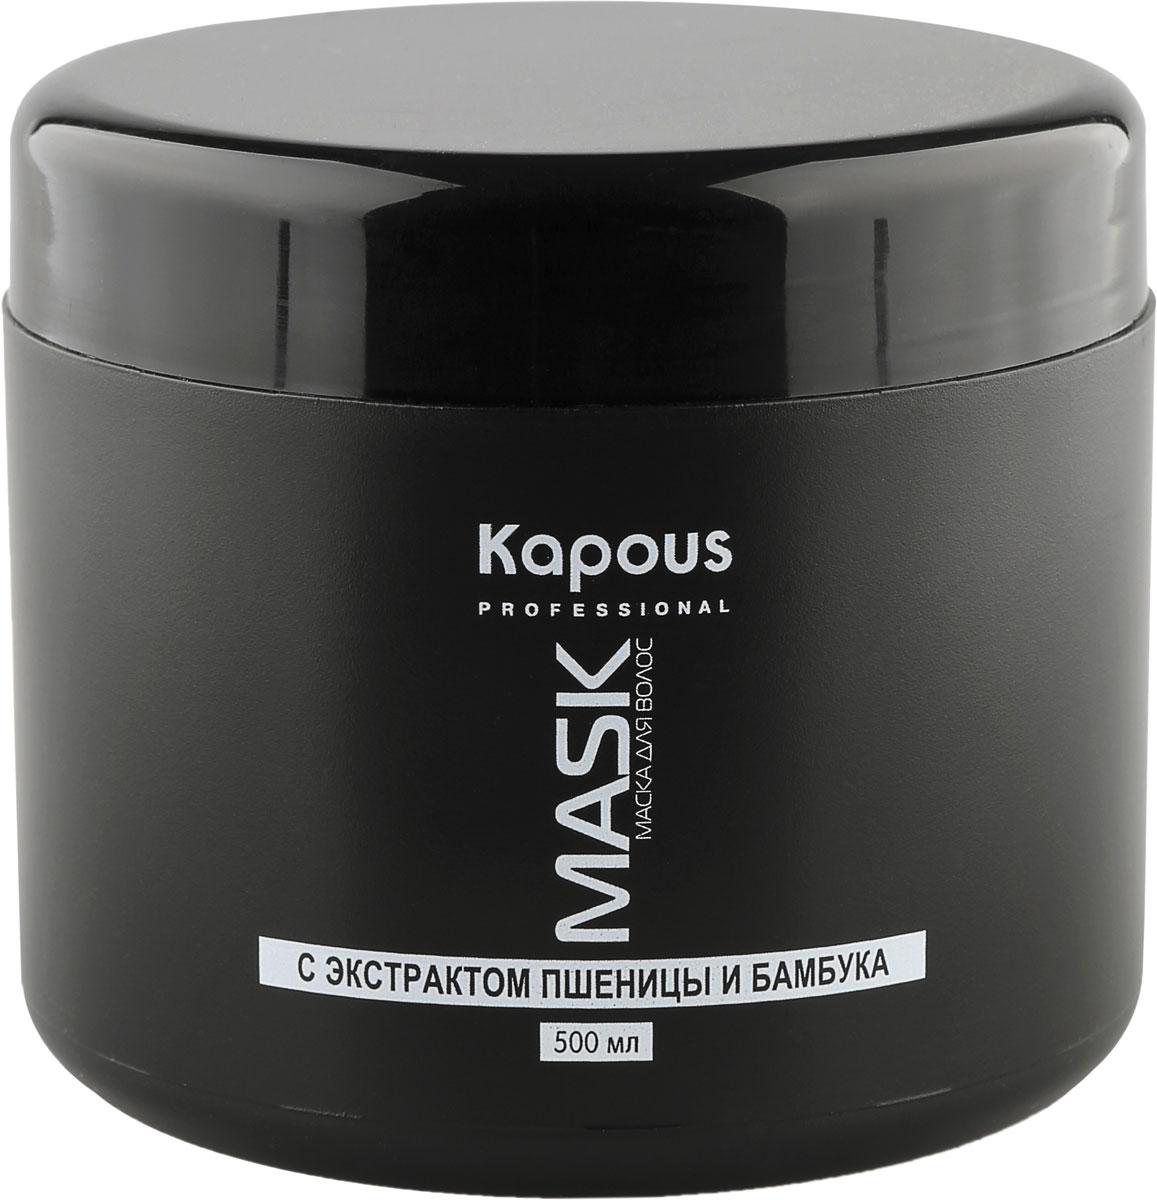 KAPOUS Маска питательная для волос с экстрактом пшеницы и бамбука / Caring Line 500млМаски<br>Мощное ухаживающее средство для ослабленных и подвергнутых химической обработке волос, утративших жизненную силу. Идеальна для применения после каждой химической обработки для восстановления природных свойств волос. Входящий в состав экстракт пшеницы обеспечивает полноценное интенсивное питание корней волос, обновление их внутренней и внешней структуры. Протеины пшеницы восполняют недостаток питательных веществ, способствуя быстрому восстановлению кератинового слоя волоса. Масло ростков пшеницы оказывает сильное регенерирующее действие на поврежденные волосы, восстанавливая их структуру включая кончики. Предотвращает спутывание волос и препятствует возникновению статического электричества. Экстракт бамбука придает волосам легкость, облегчает их расчесывание и укладку, обеспечивает дополнительный объем. В результате маска восстанавливает эластичность волос, поврежденных в результате химической завивики или окрашивания, уменьшает их ломкость, придает здоровый блеск, прочность и естественный вид без потери цвета окрашенных волос. При регулярном применении нормализуются обменные процессы, предотвращается преждевременное выпадение волос. Способ применения: нанести маску на чистые влажные волосы, равномерно распределить по волосам мягкими массирующими движениями оставить на 5-10 минут, тщательно ополоснуть большим количеством воды.<br><br>Назначение: Выпадение